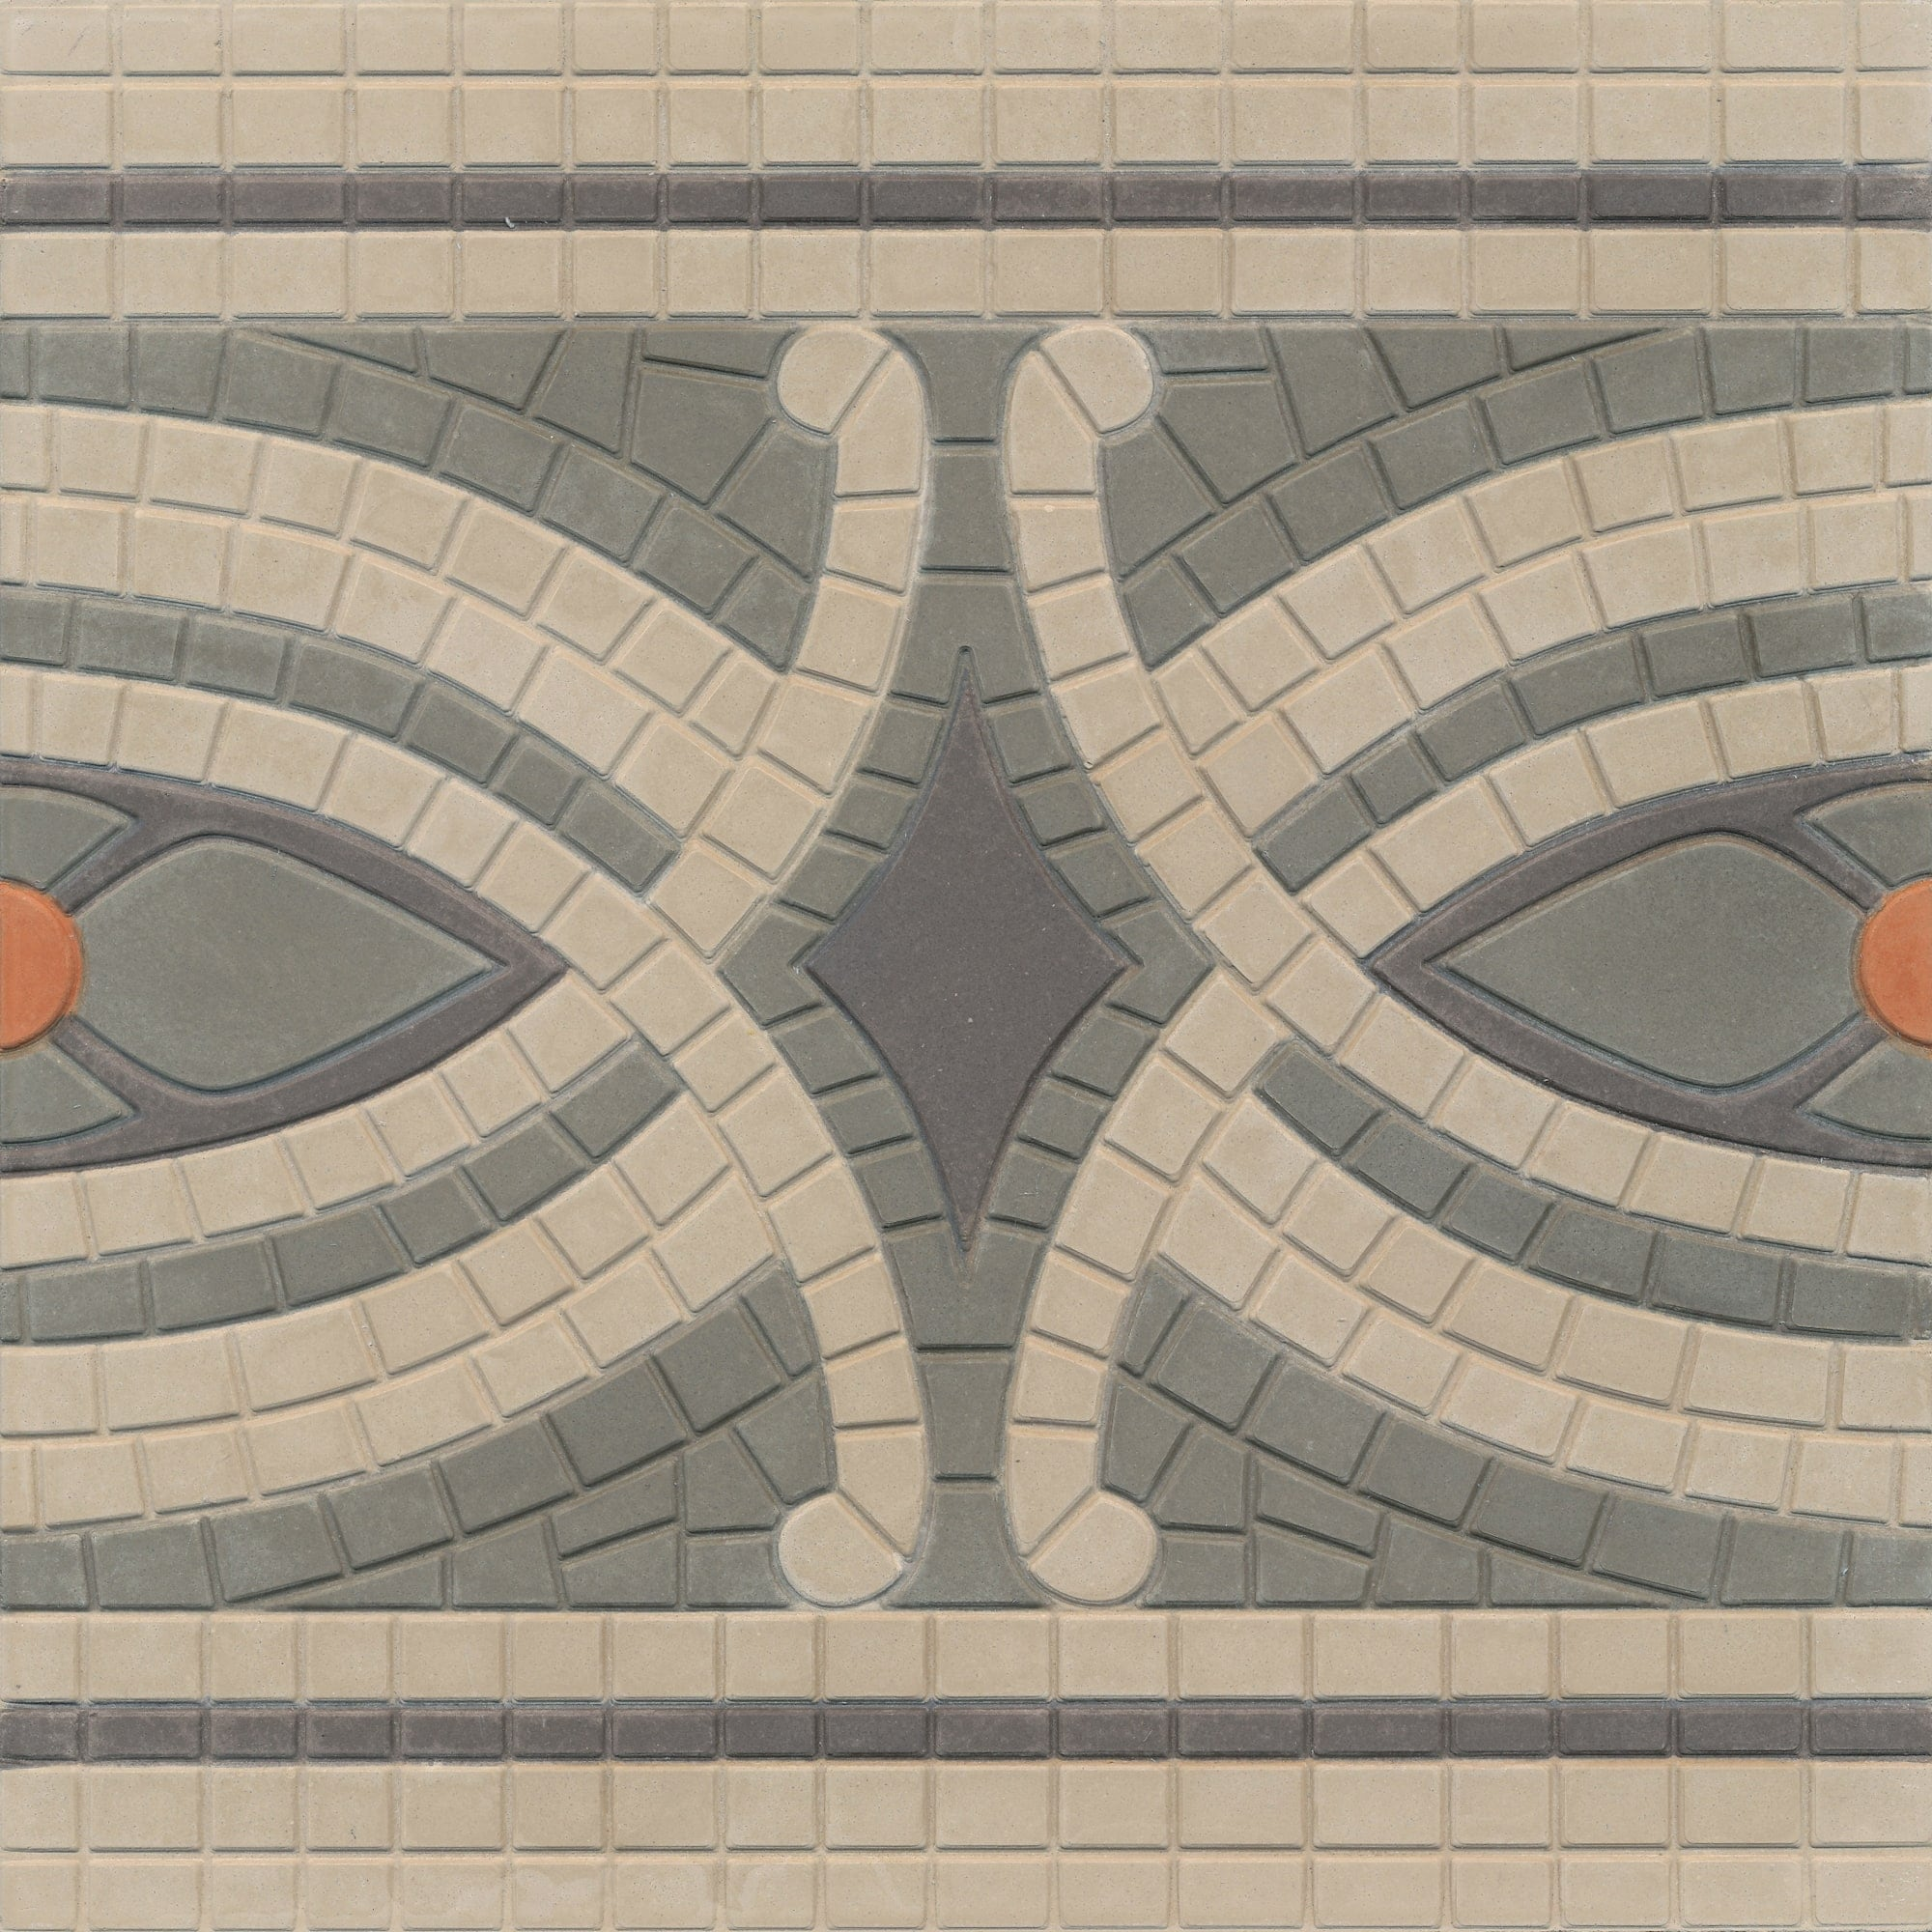 zementfliesen-nummer-42152-viaplatten |